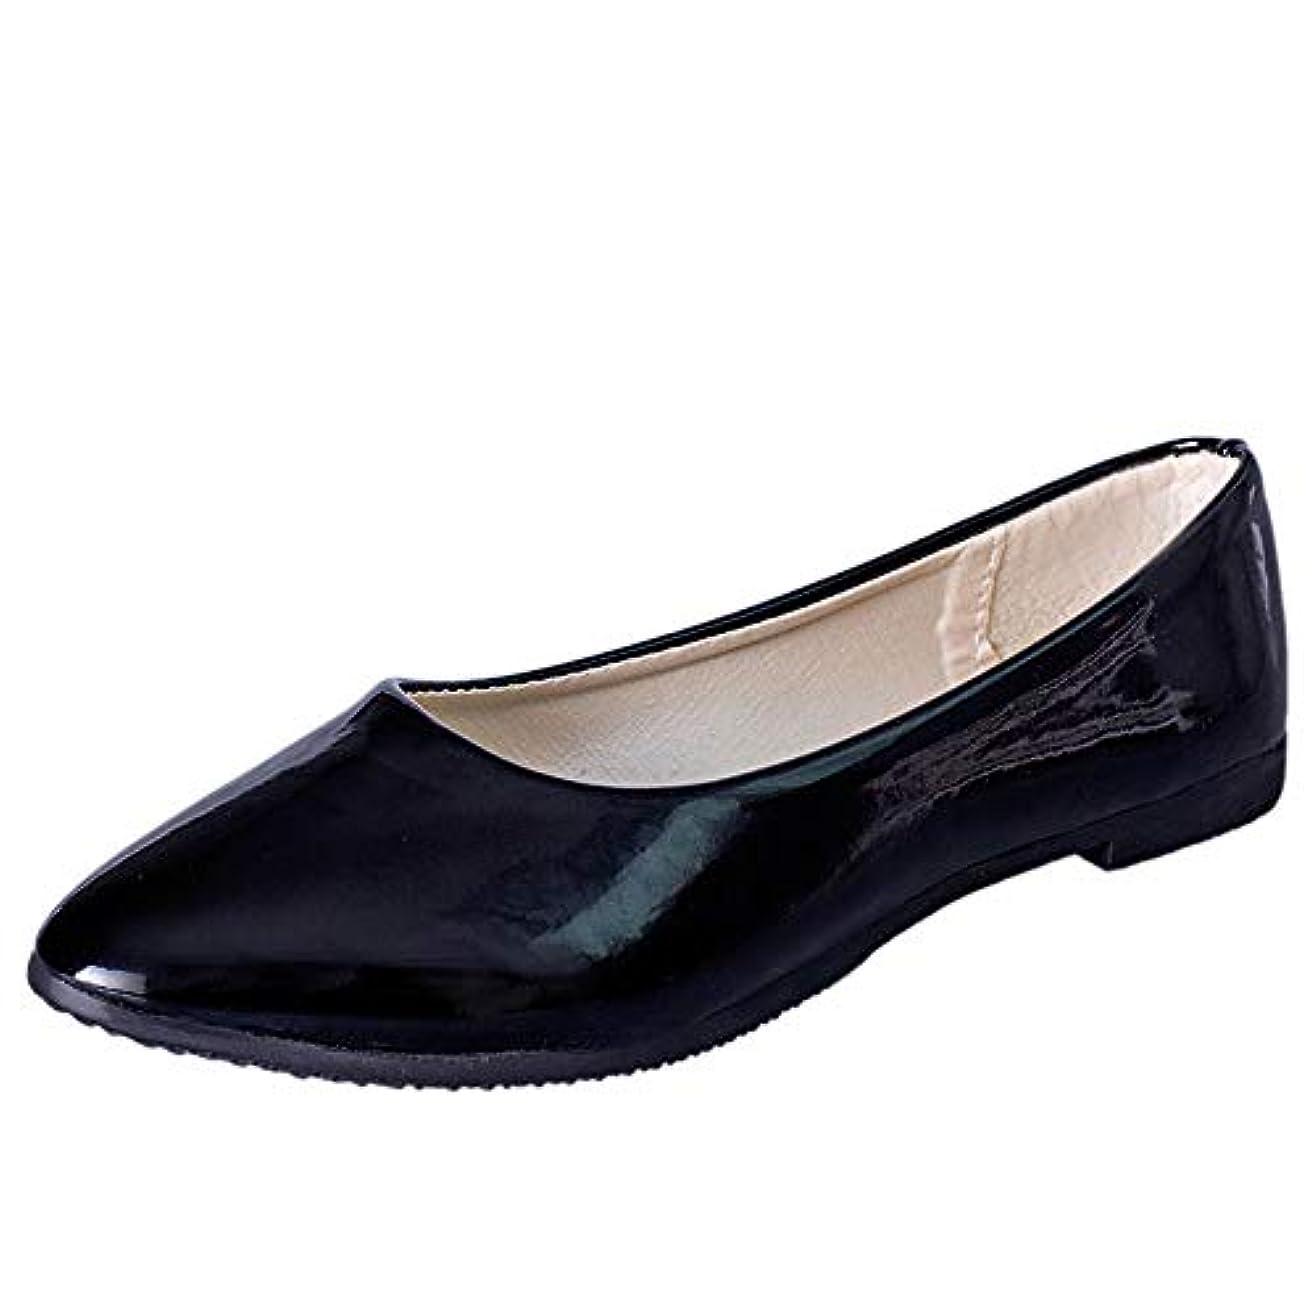 属する実際引き出しレディース サンダル Tongdaxinxi 女性 カジュアルなローファーの靴 平らな尖ったつま先の革 スリップ フラットシューズ 通勤 軽量 疲れにくい 大きいサイズ レディース サンダル 春 夏 秋 冬 快適